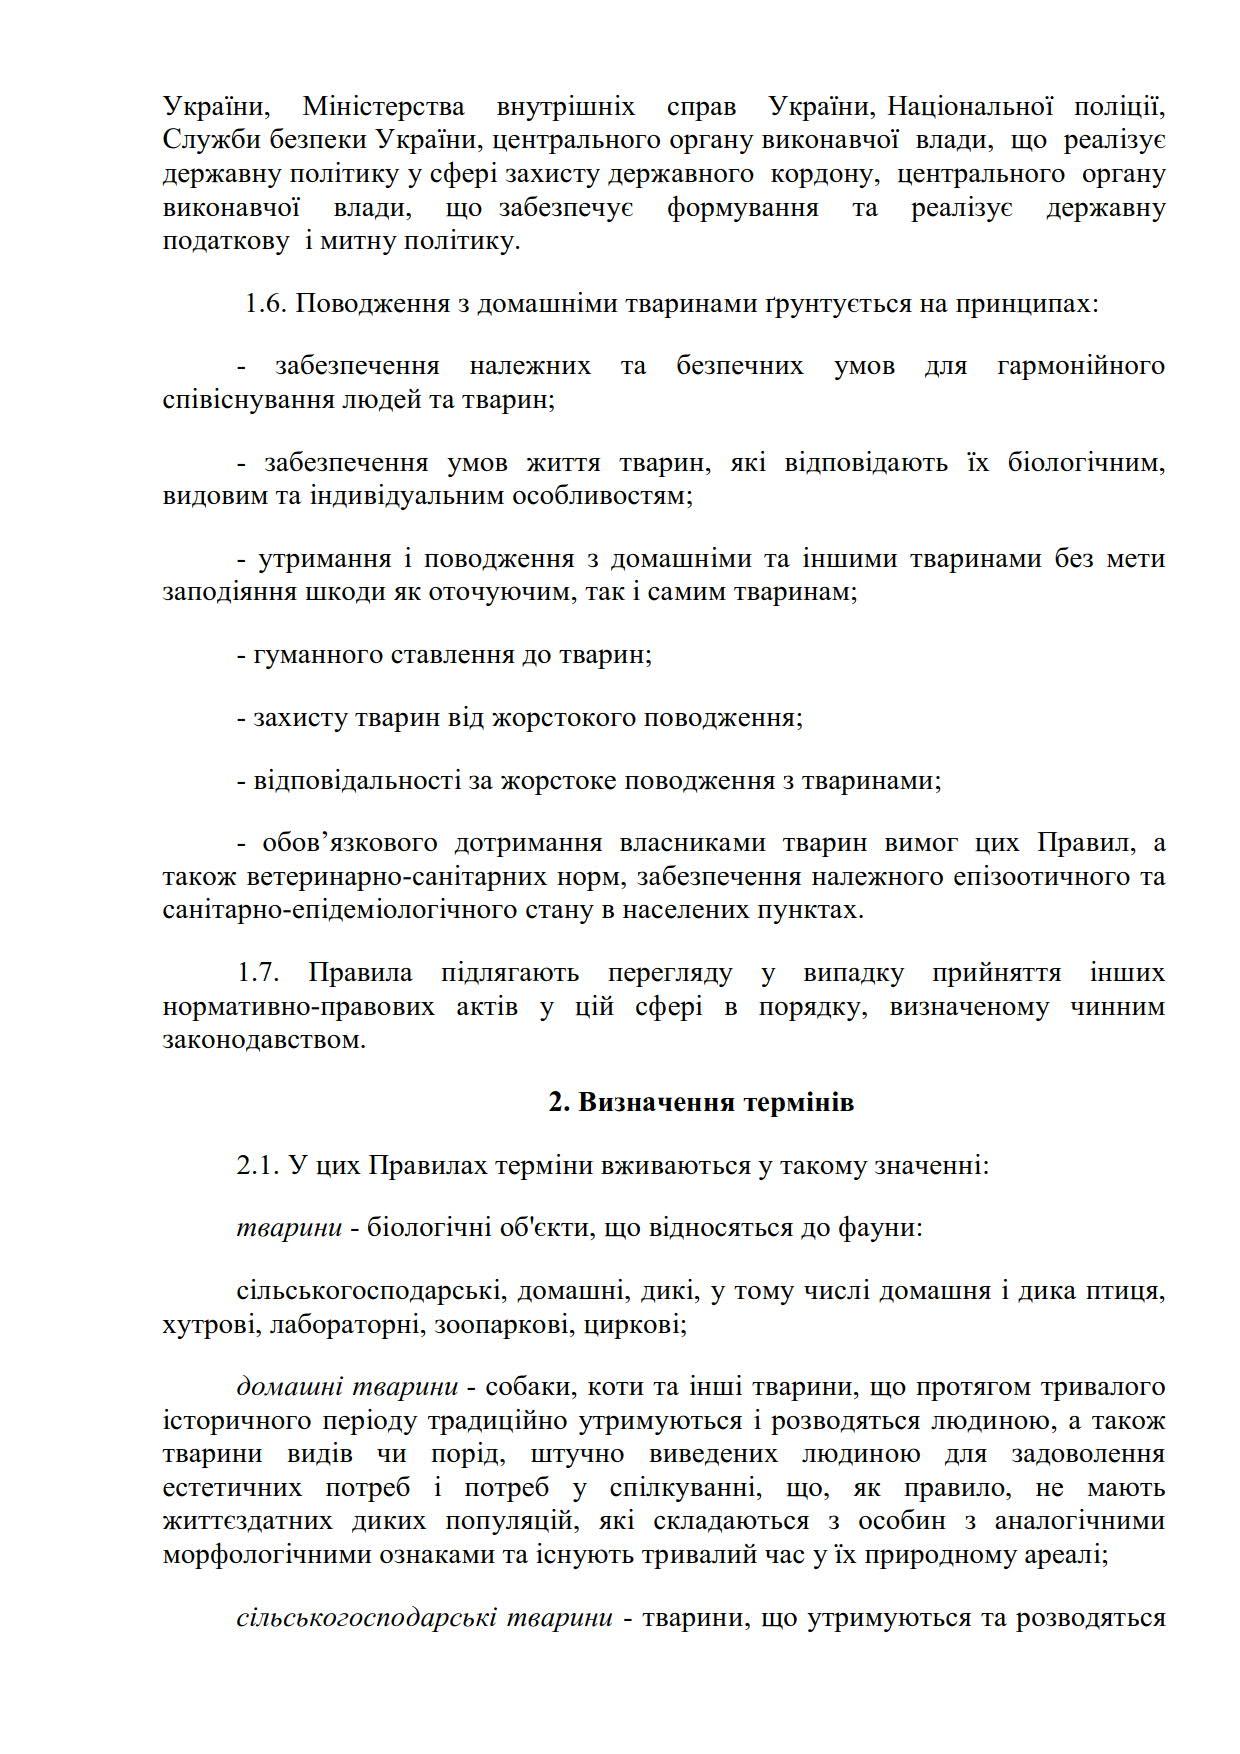 Правила утримання домашніх тварин коломак нов_03